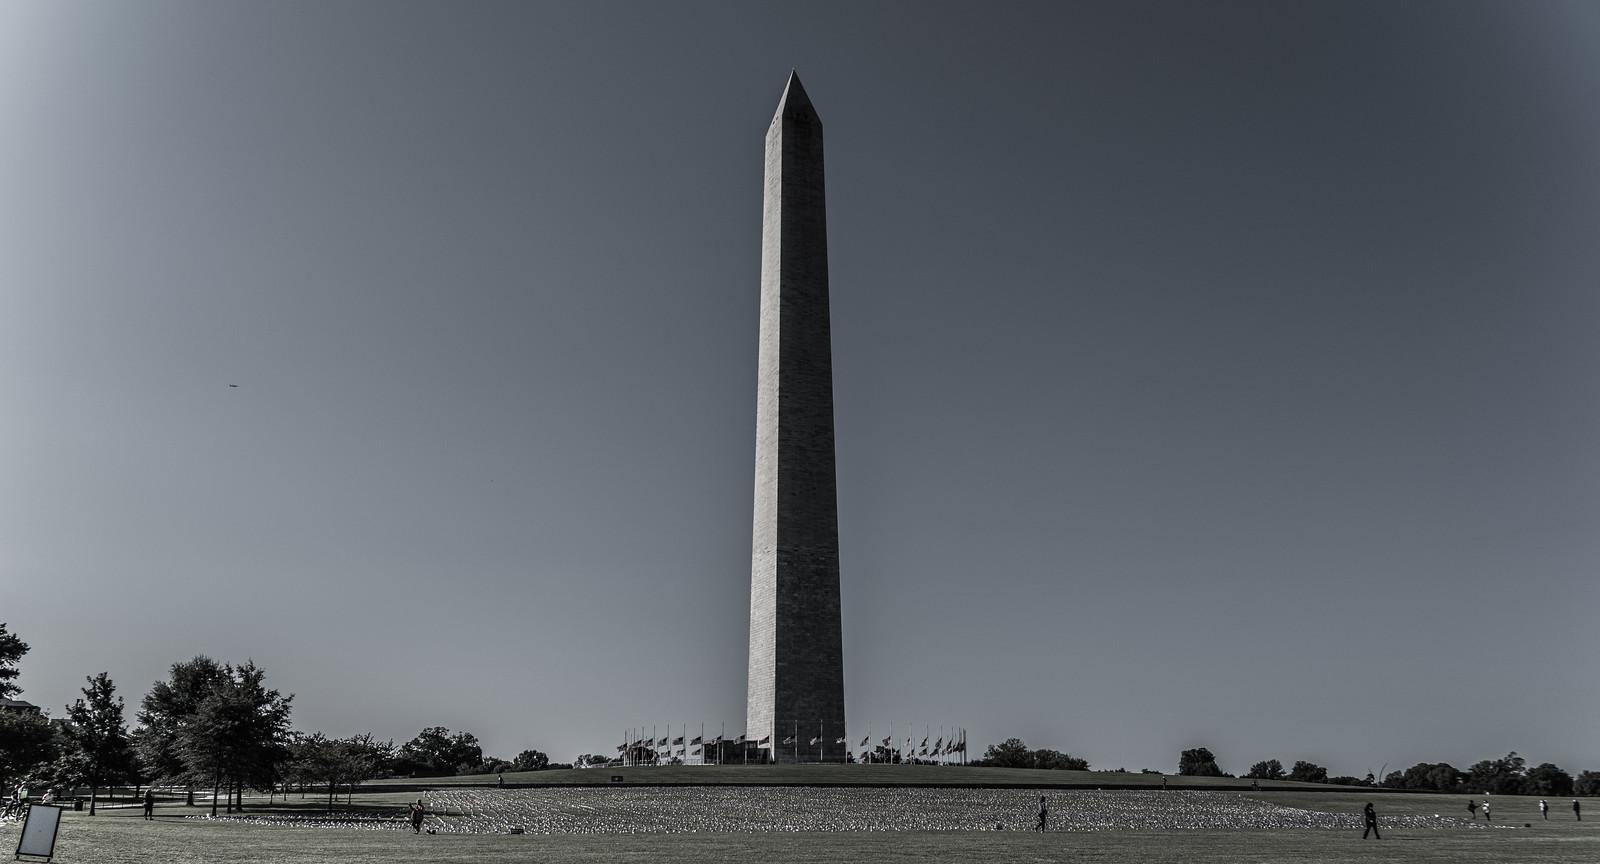 2020.09.23 Ruth Bader Ginsburg at the Supreme Court, Washington, DC USA 267 105207